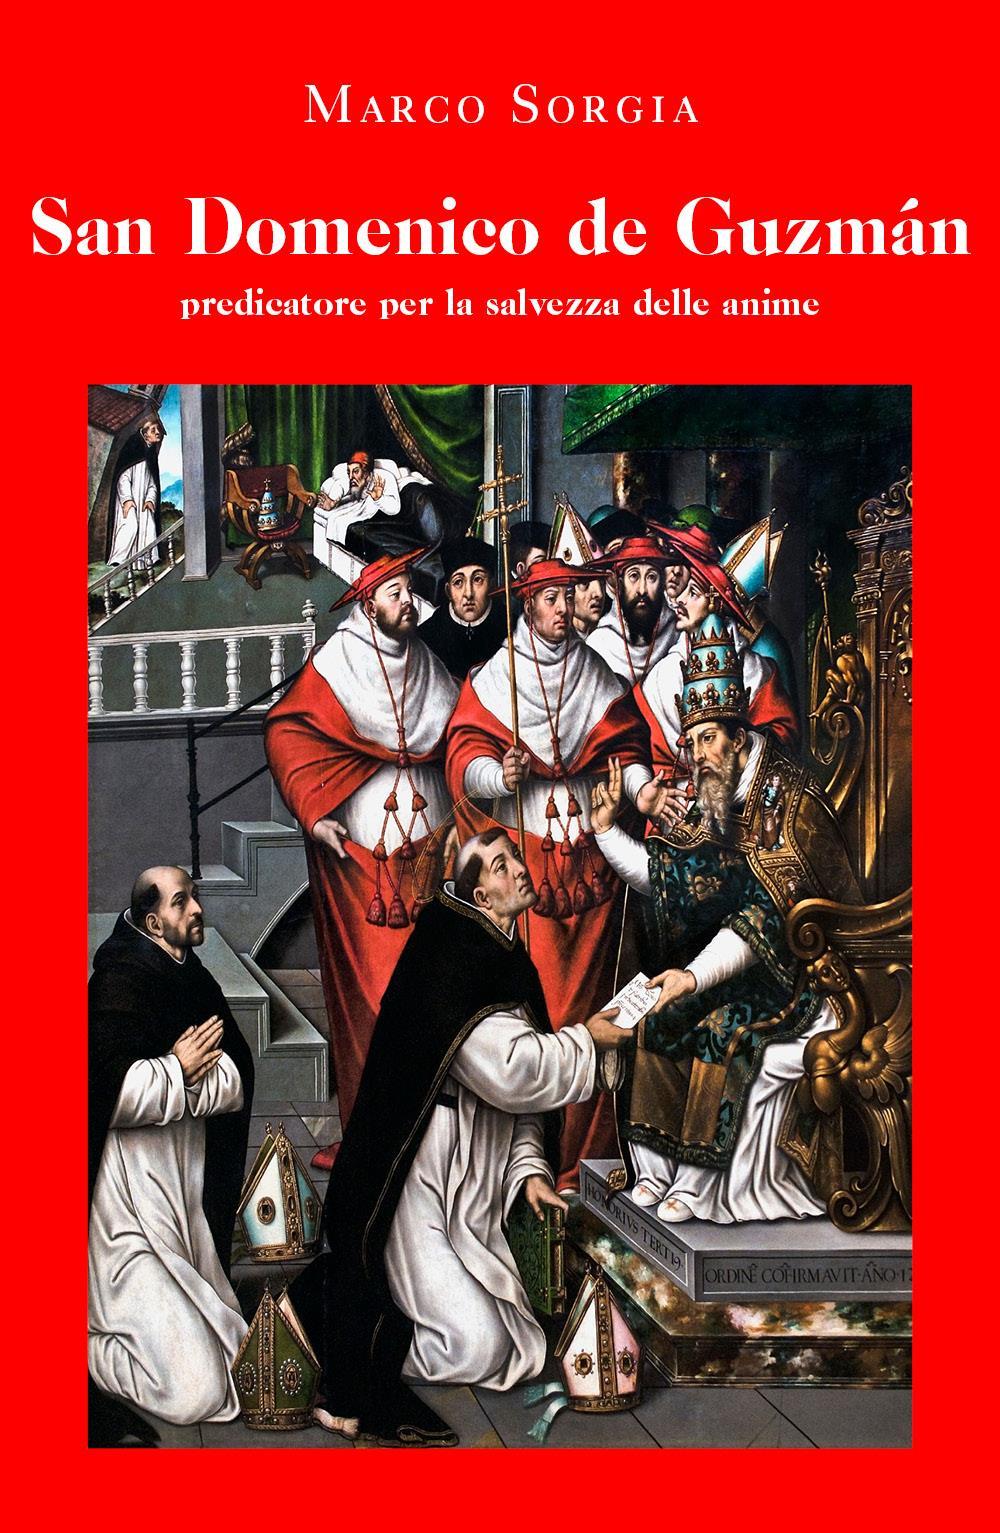 San Domenico de Guzmán predicatore per la salvezza delle anime